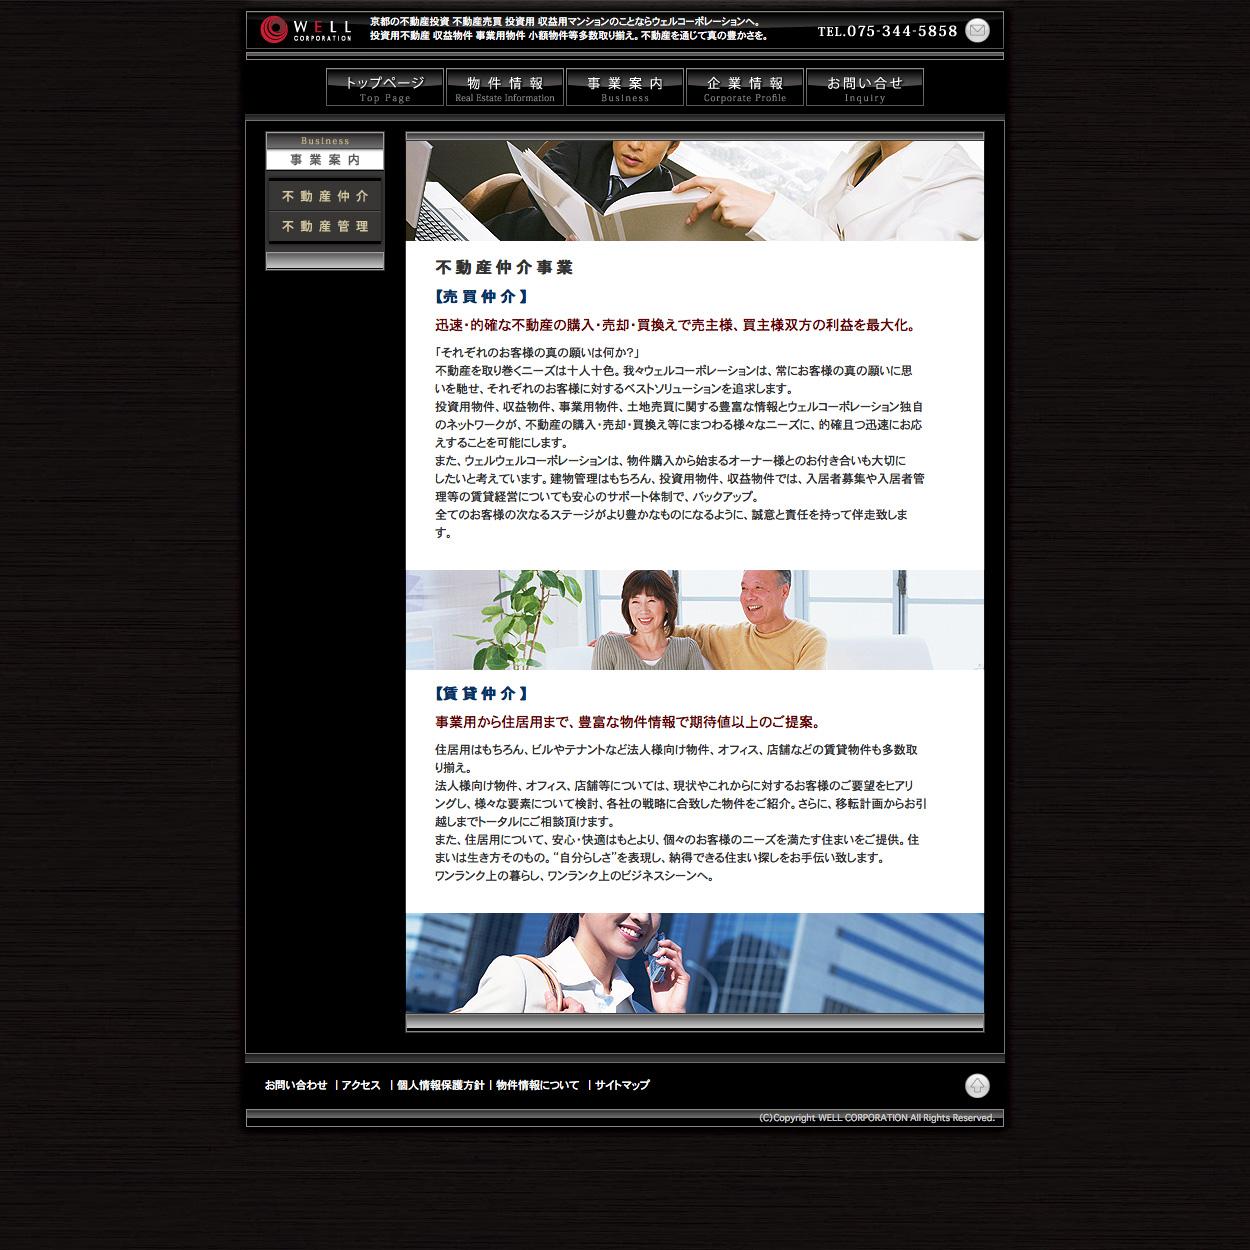 株式会社ウェルコーポレーション 会社情報ページ